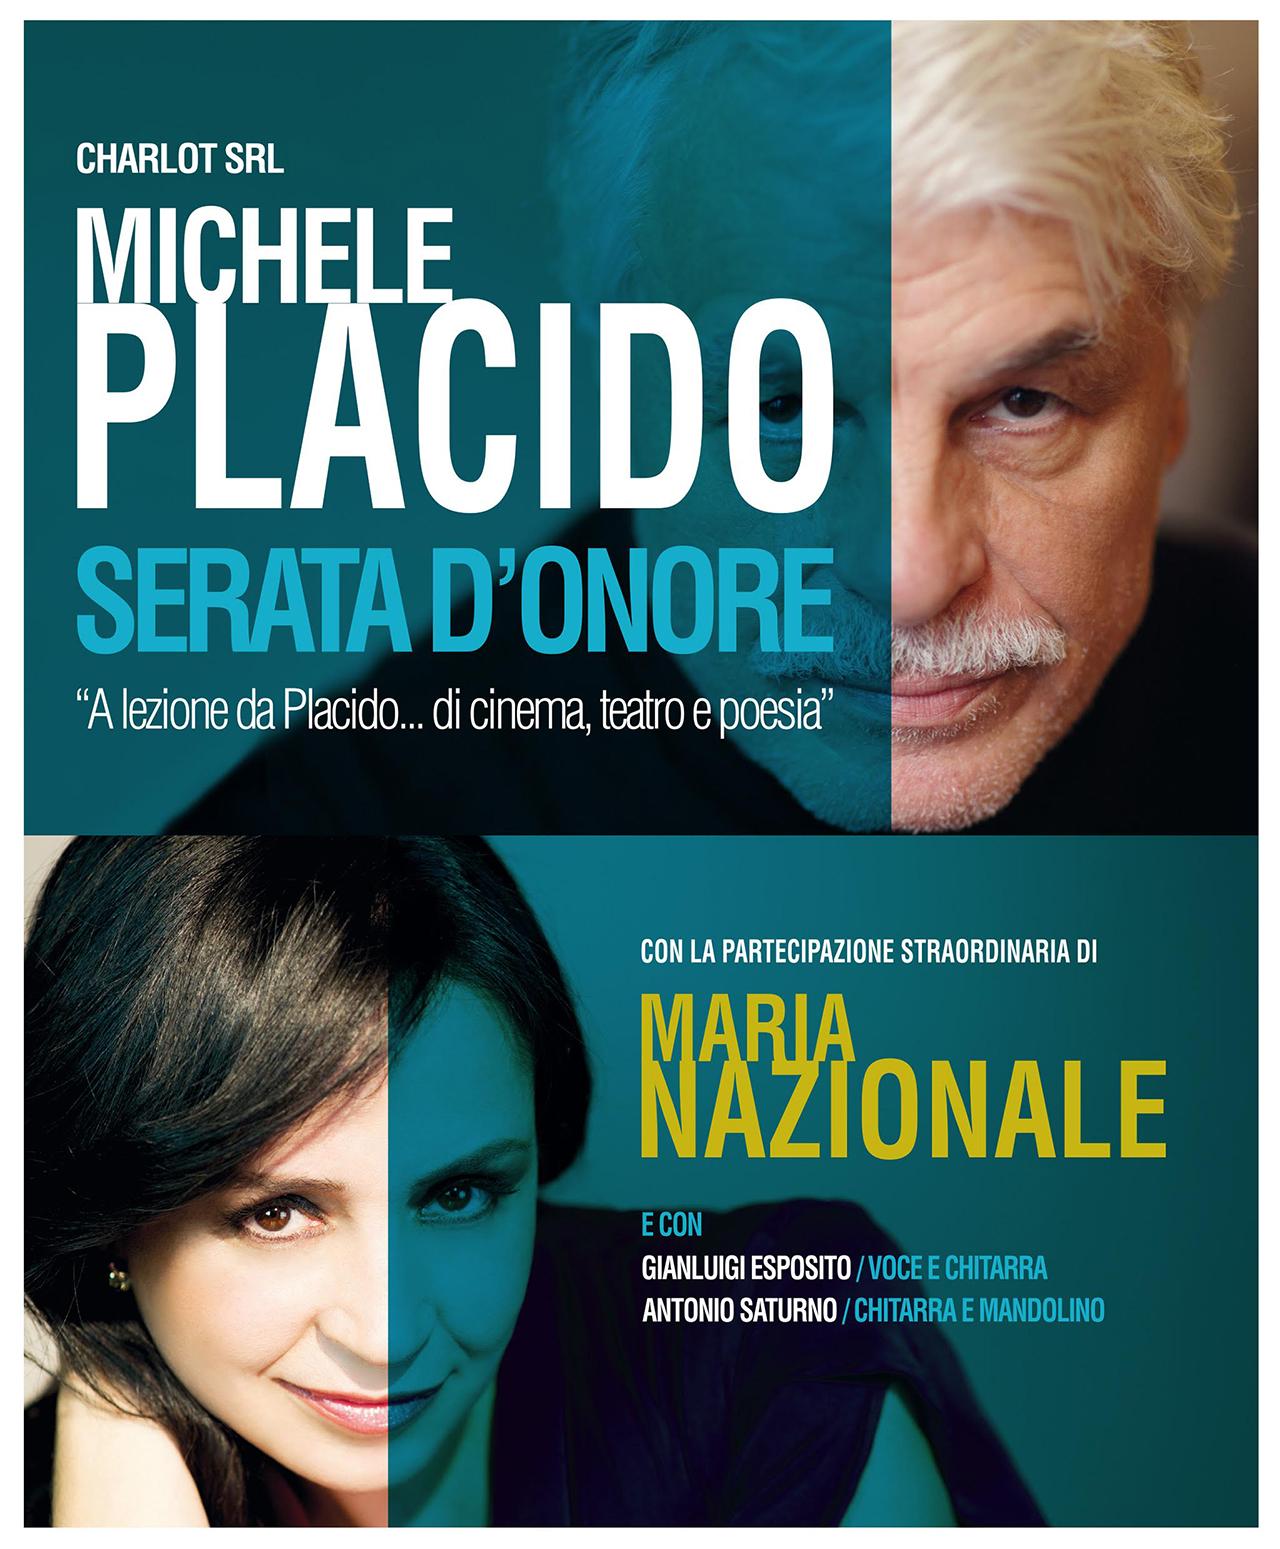 serata d'onore con Michele Placido e Maria Nazionale